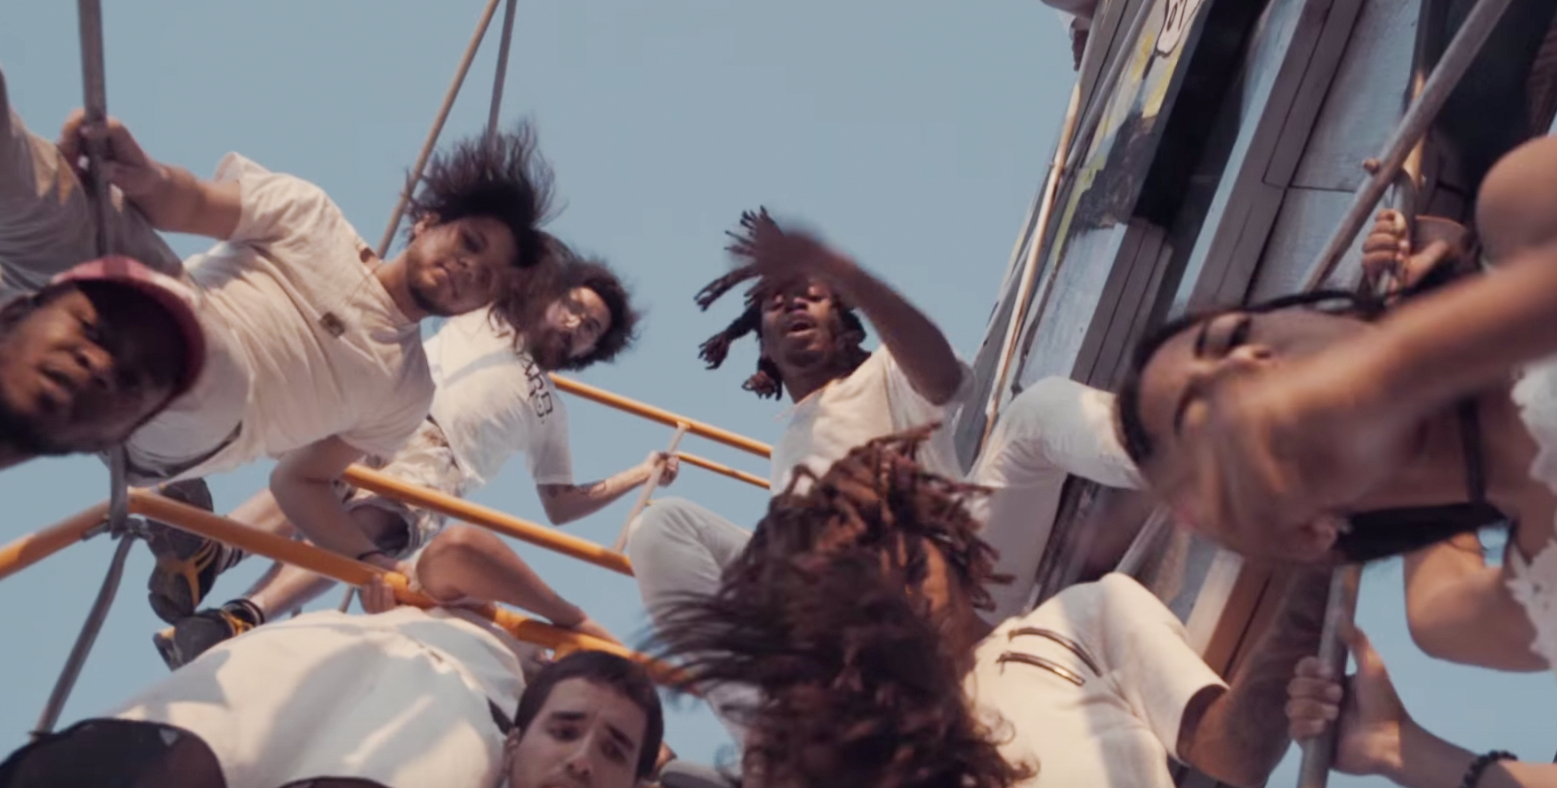 Denzel Curry: Percs, Drake & Pusha T & New Generation | 16BARS.DE